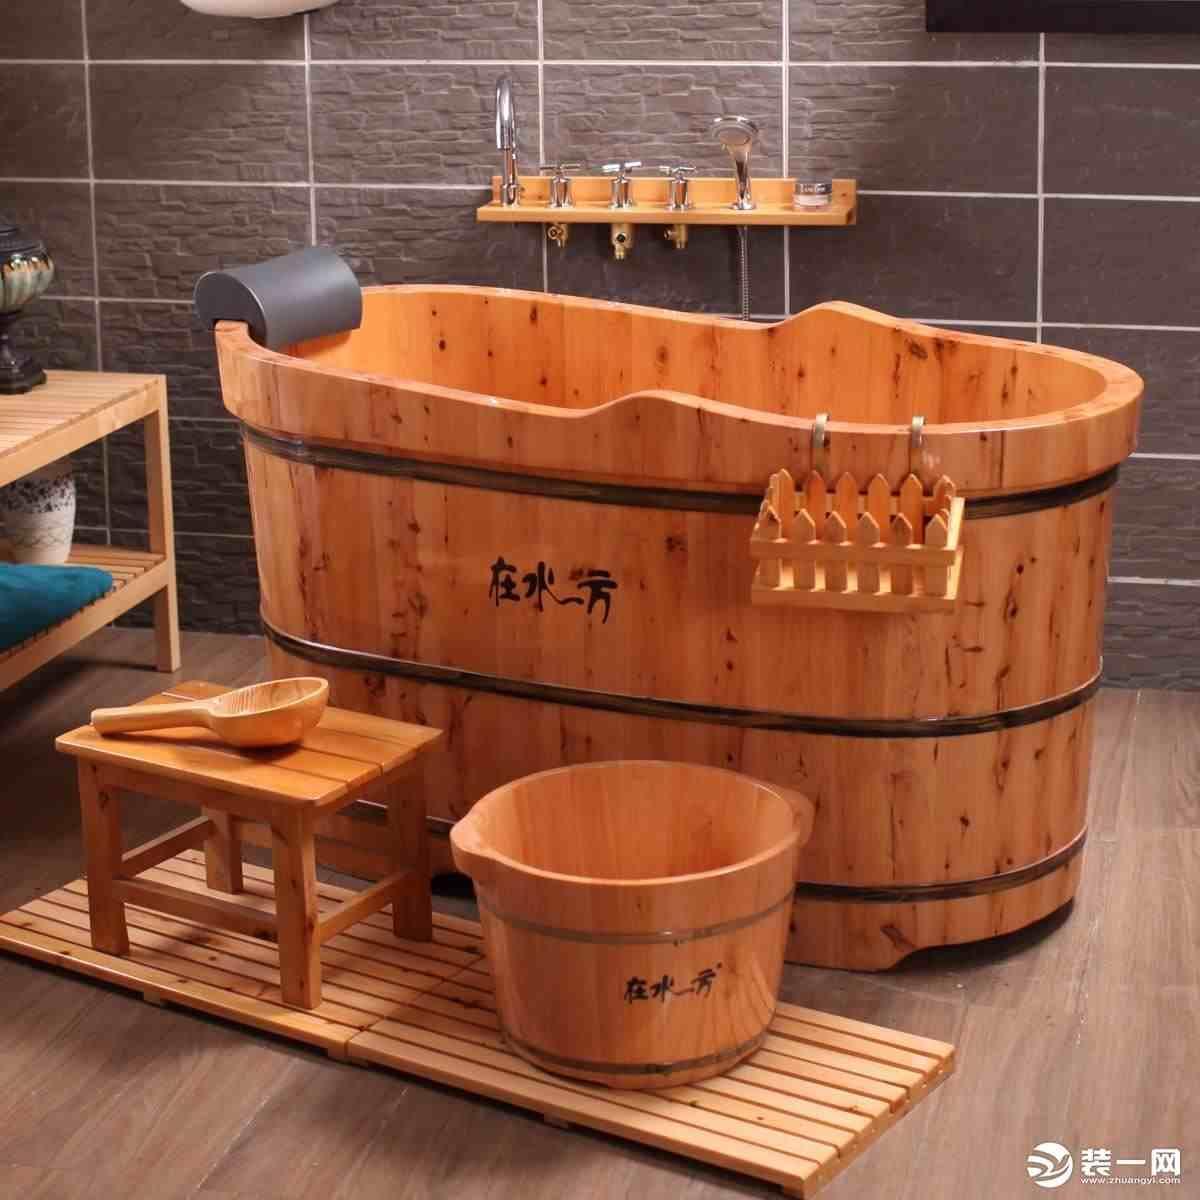 沐浴桶尺寸及优缺点介绍 南宁装修网分享沐浴桶知识点